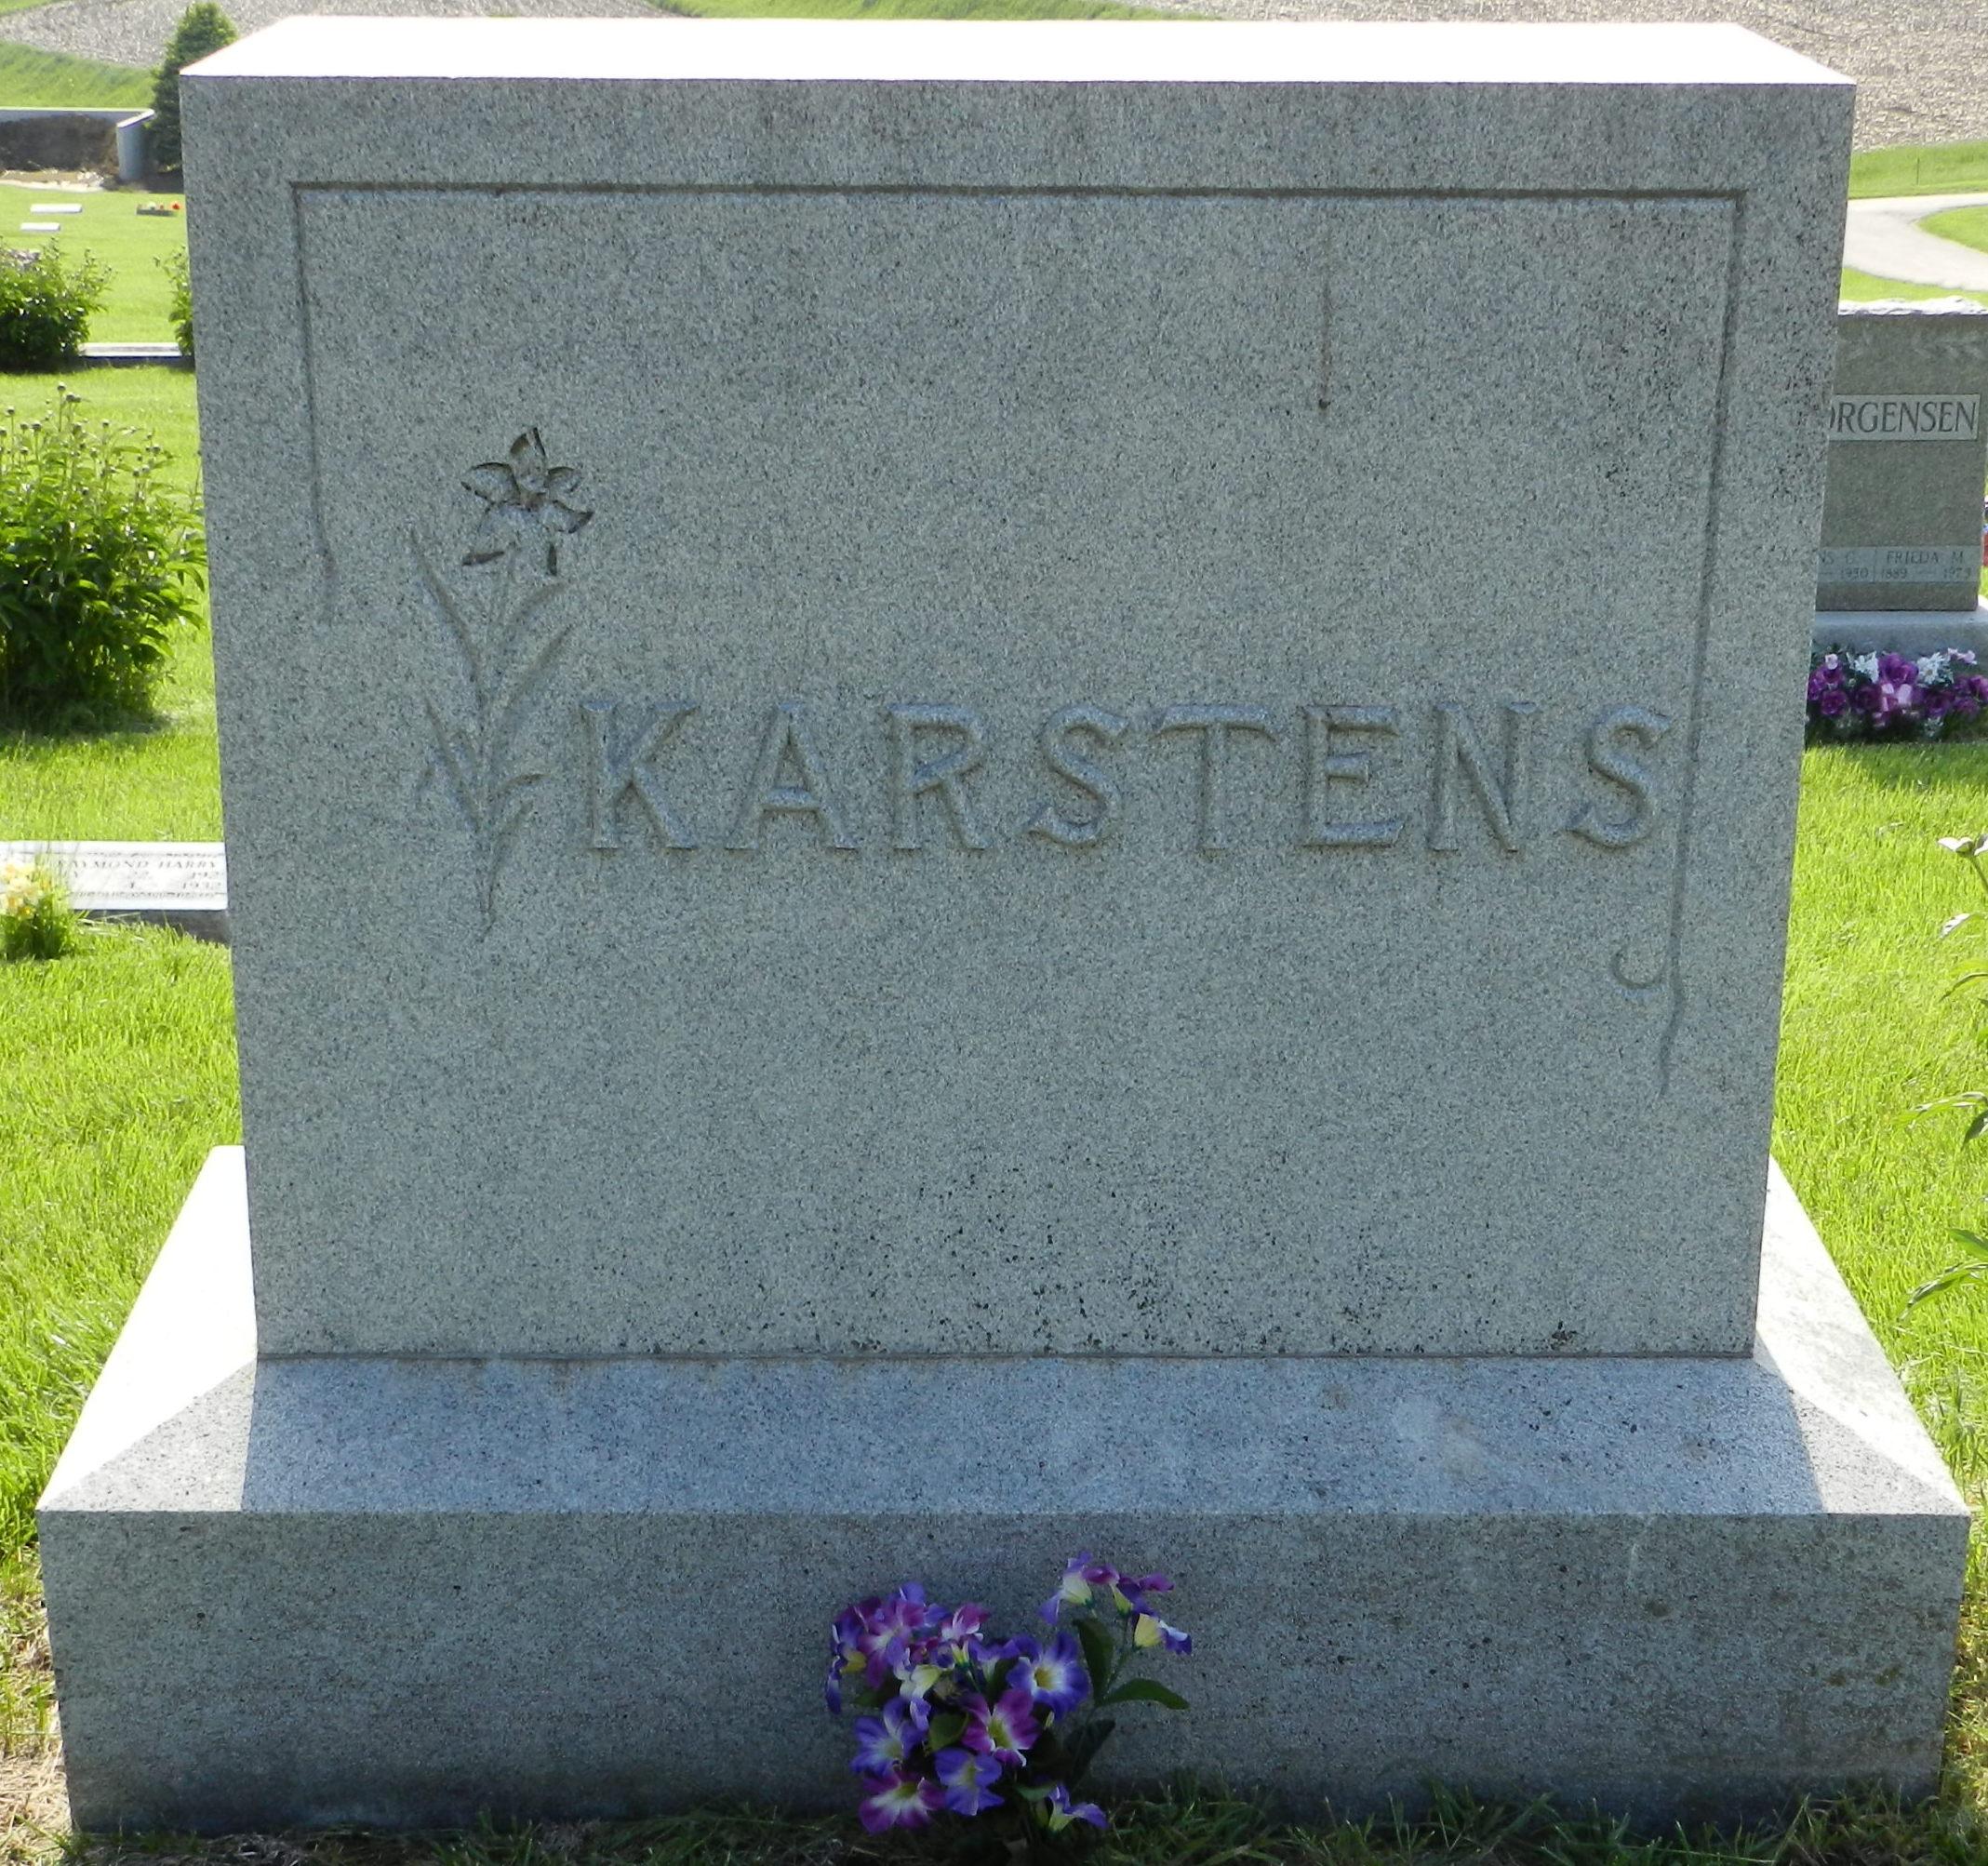 Thede Karstens